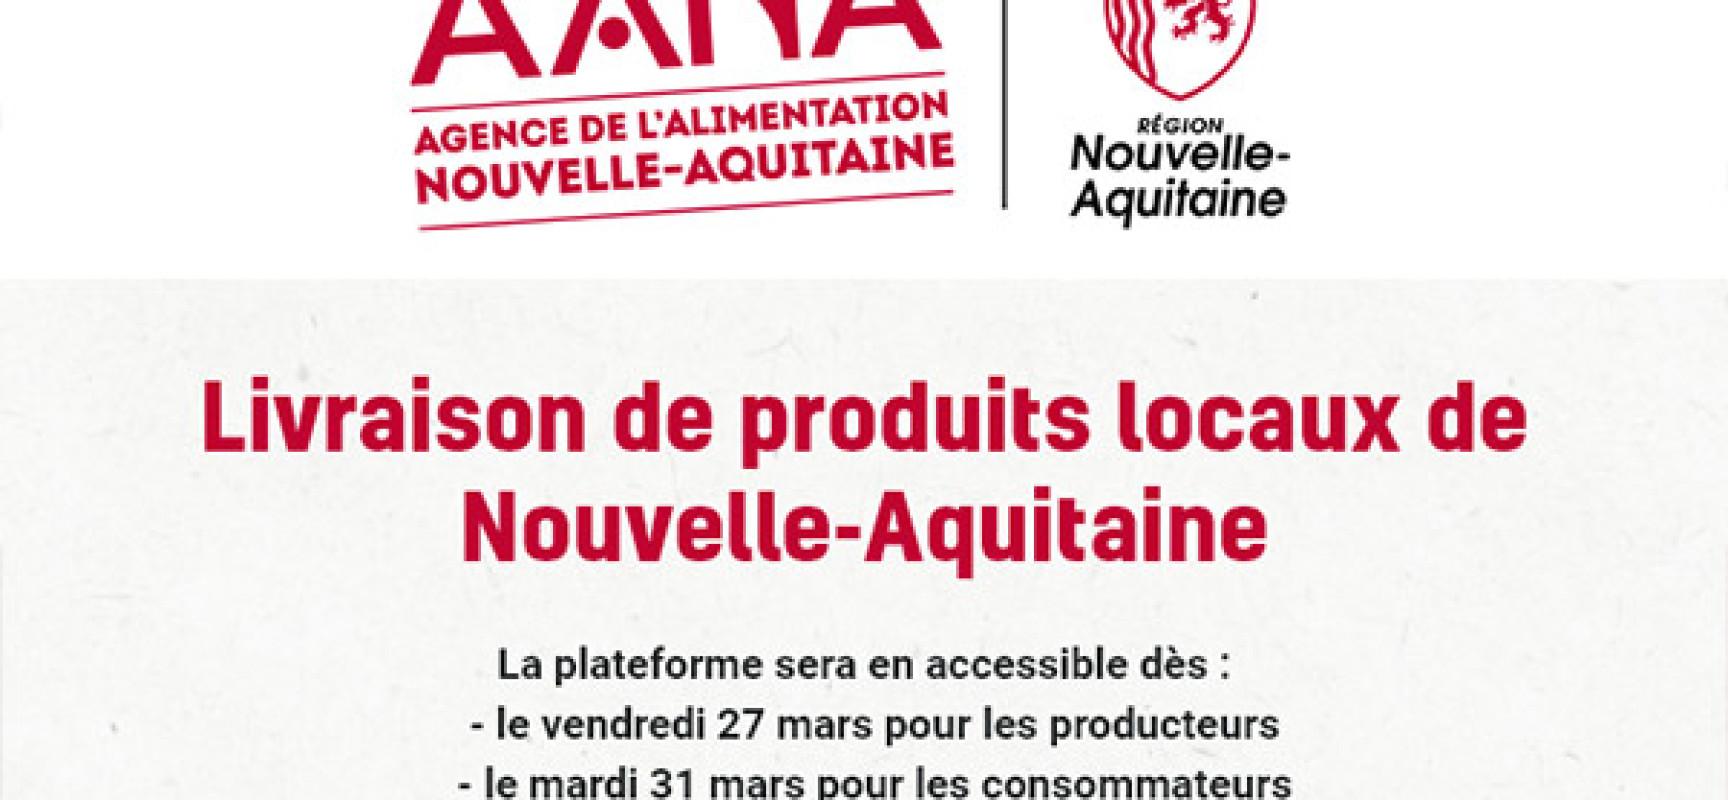 Vous êtes agriculteur, producteur ou artisan en Nouvelle-aquitaine ?